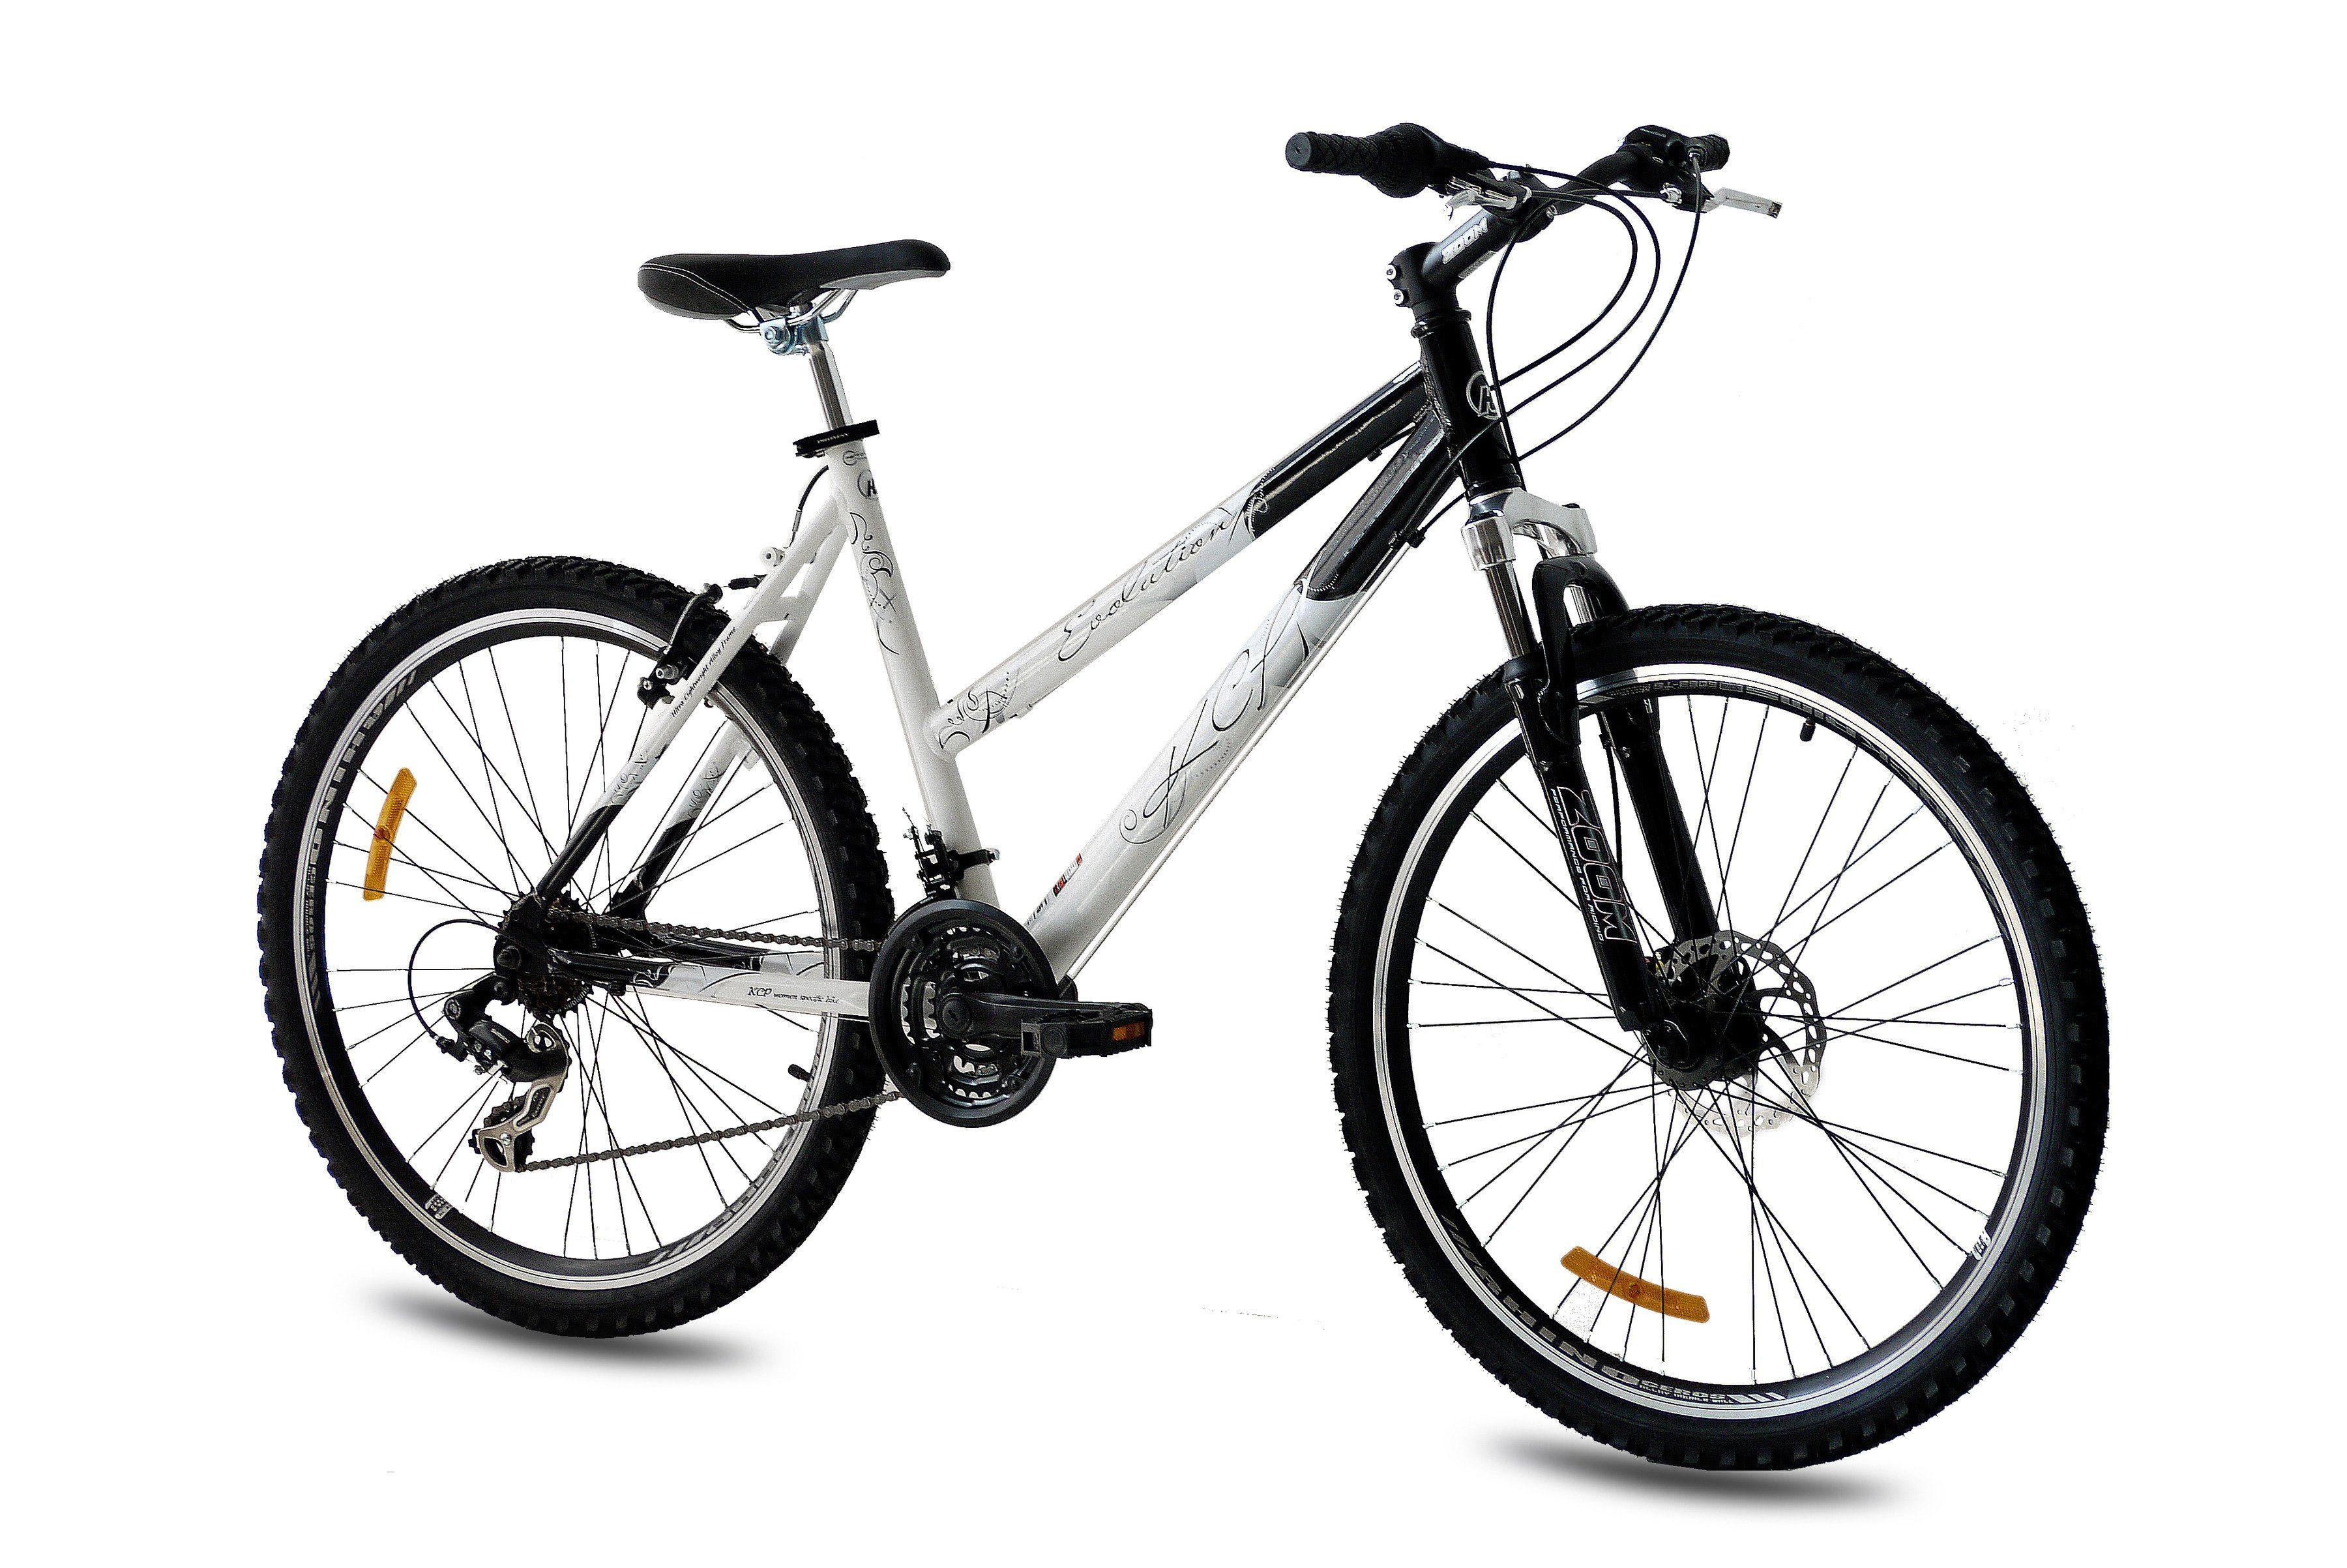 Mountainbike »Evolution«, 26 Zoll, 18 Gang, Scheibenbremse